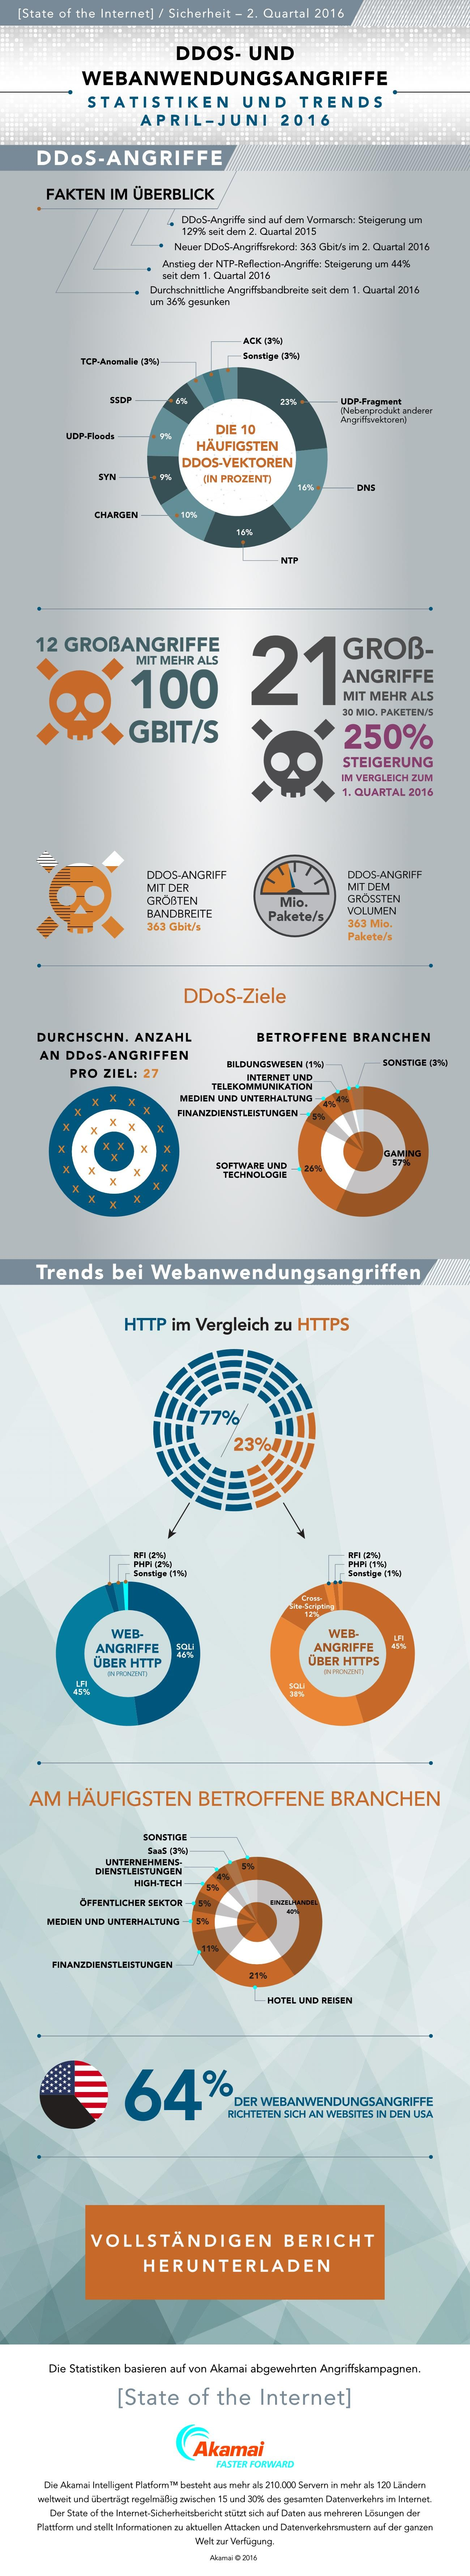 infografik-akamai-q2-2016-security-report-g